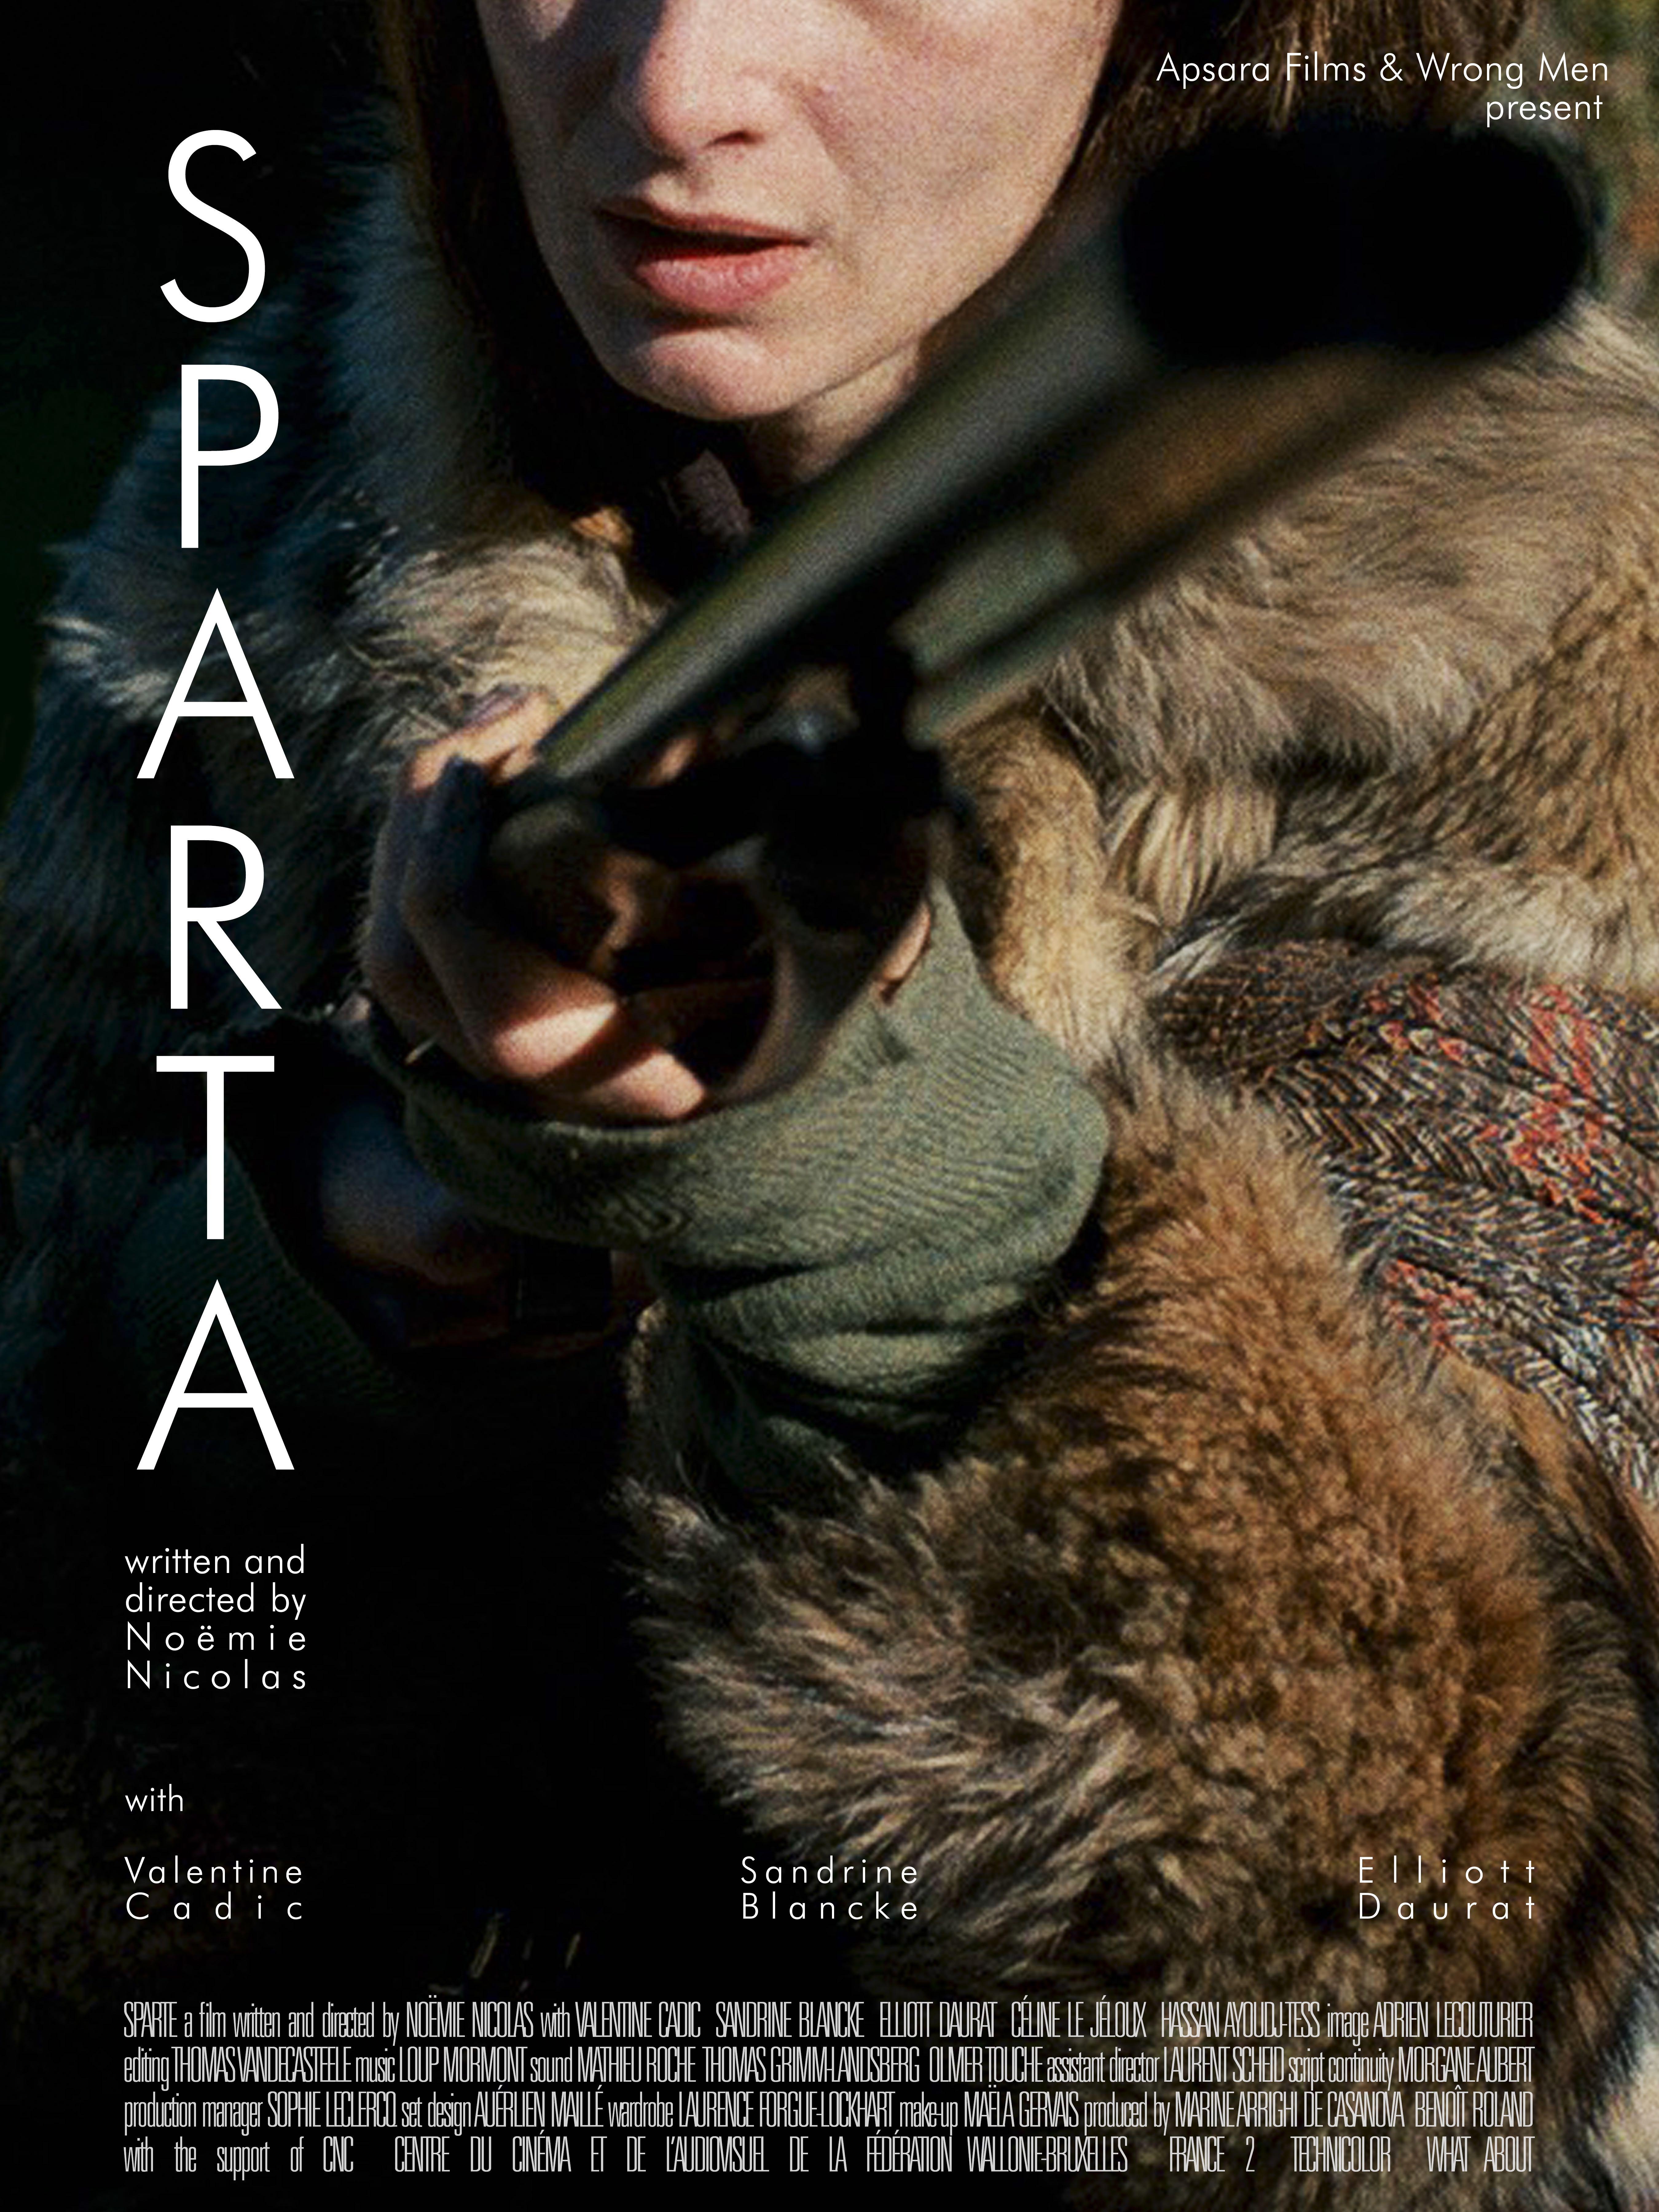 Ë-sparta